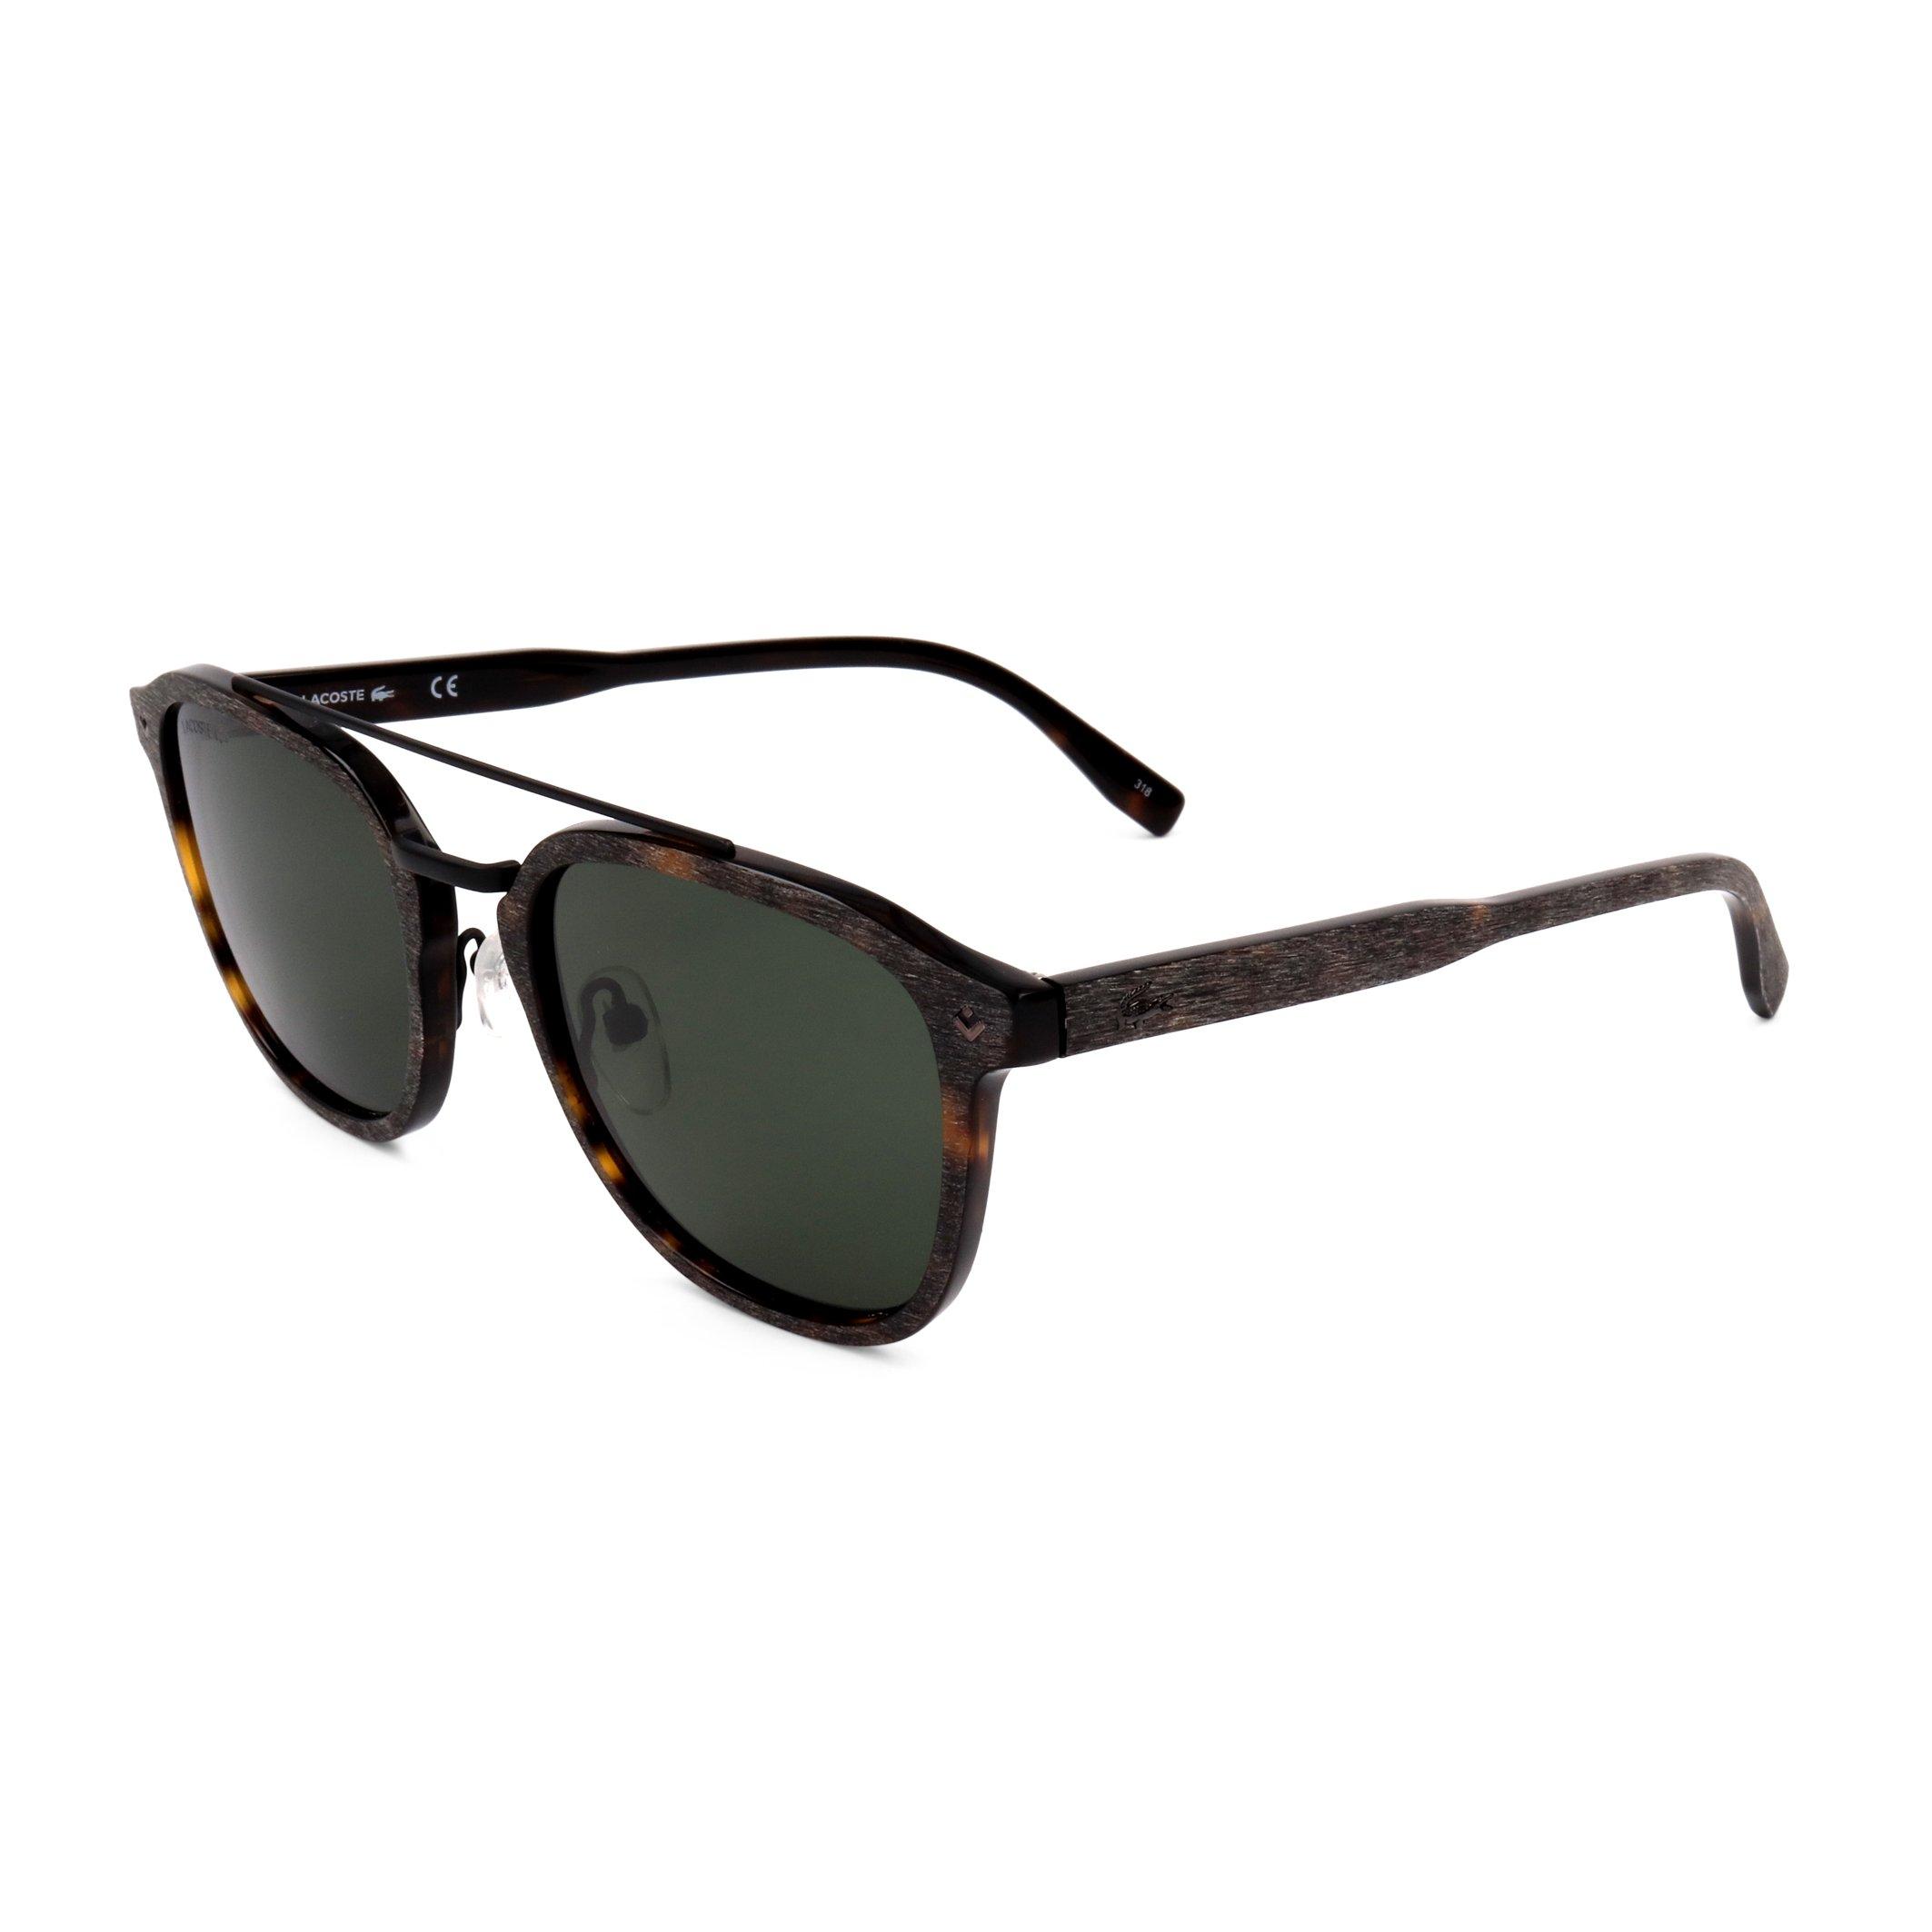 Lacoste Men's Sunglasses Various Colours L885SPCP - brown NOSIZE